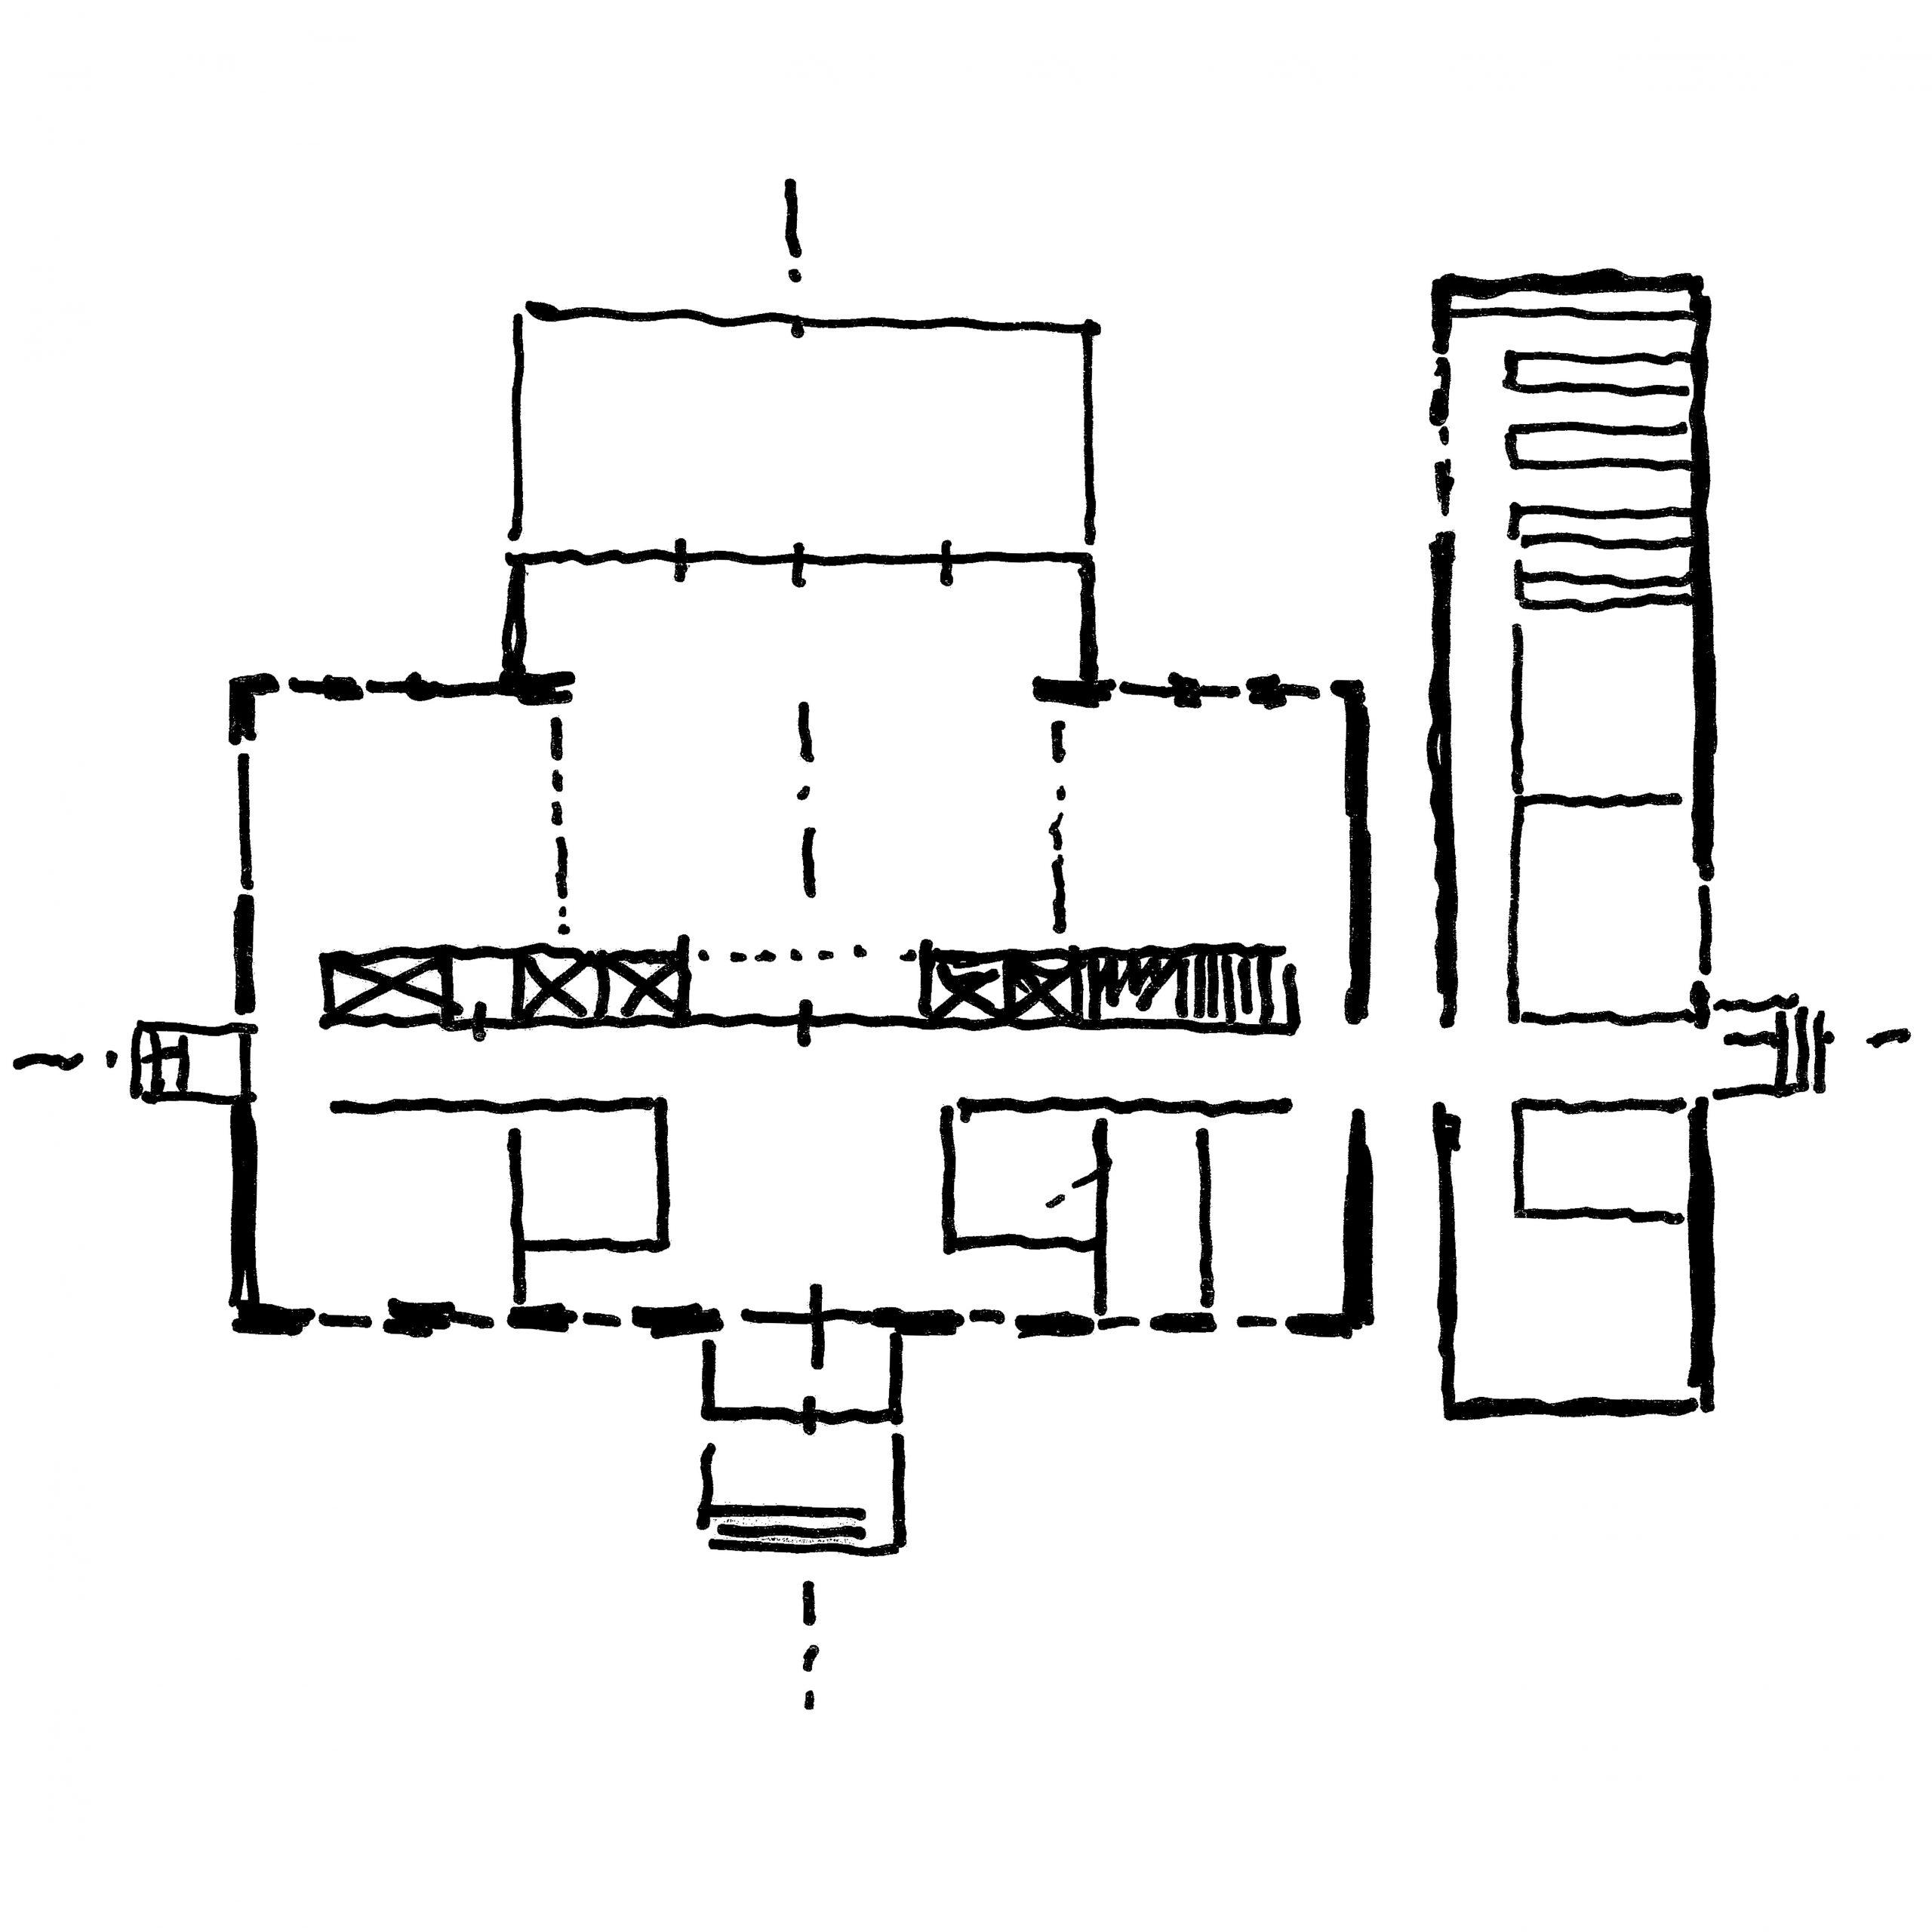 SB, Neues Pastorat Büchen, Sanierung und Erweiterung eines Pastorats, 2012, unrealisiert